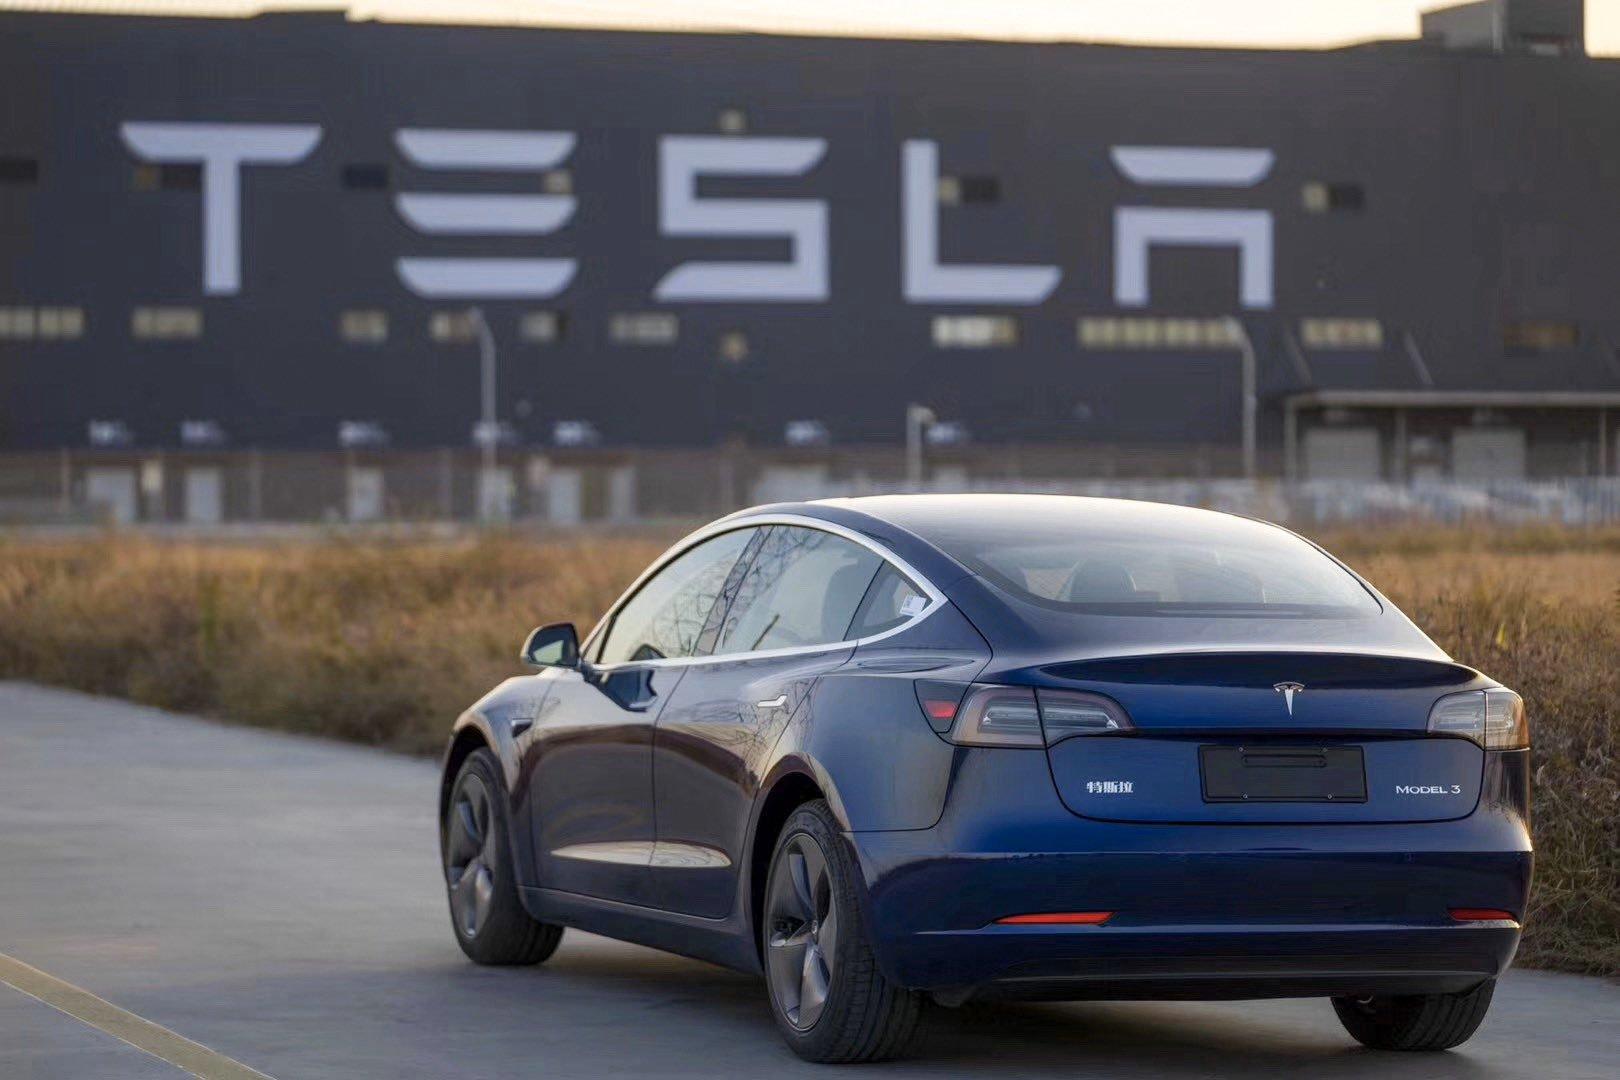 Les constructeurs de véhicules électriques, comme Tesla, risquent d'être parmi les plus touchés par la pénurie de puces…